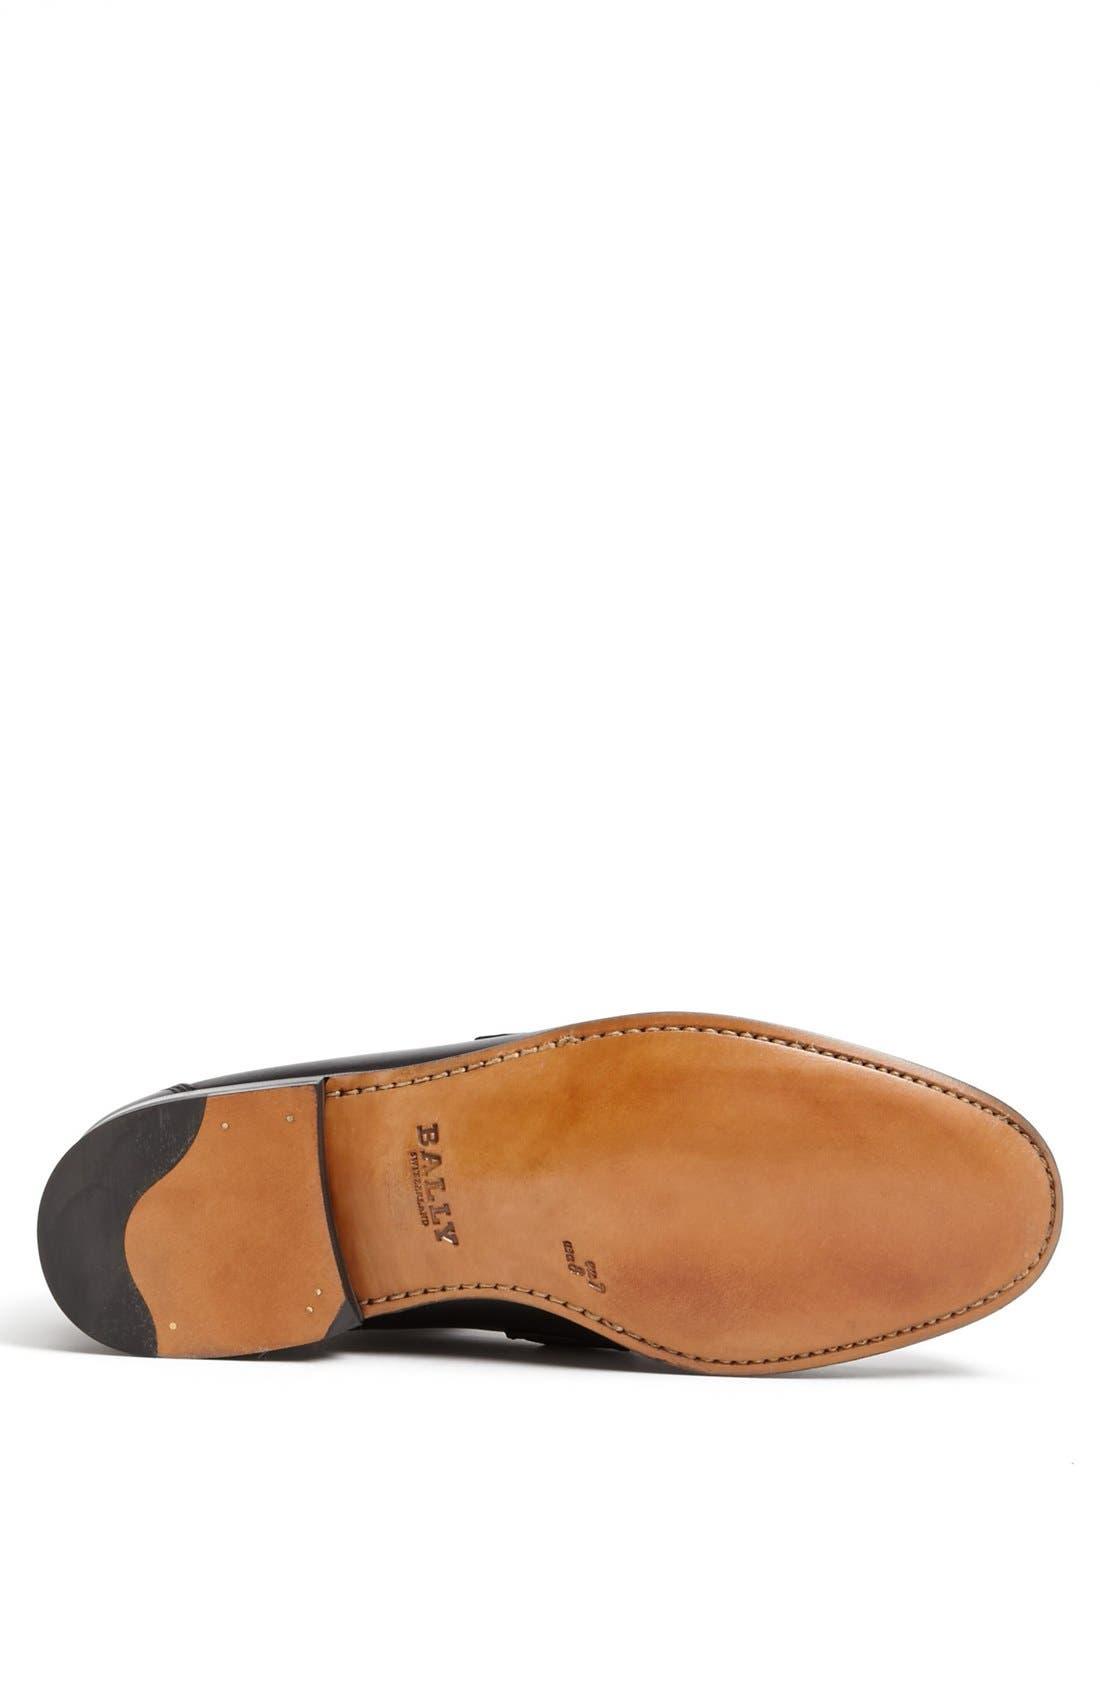 Alternate Image 4  - Bally 'Tecno' Loafer (Men)